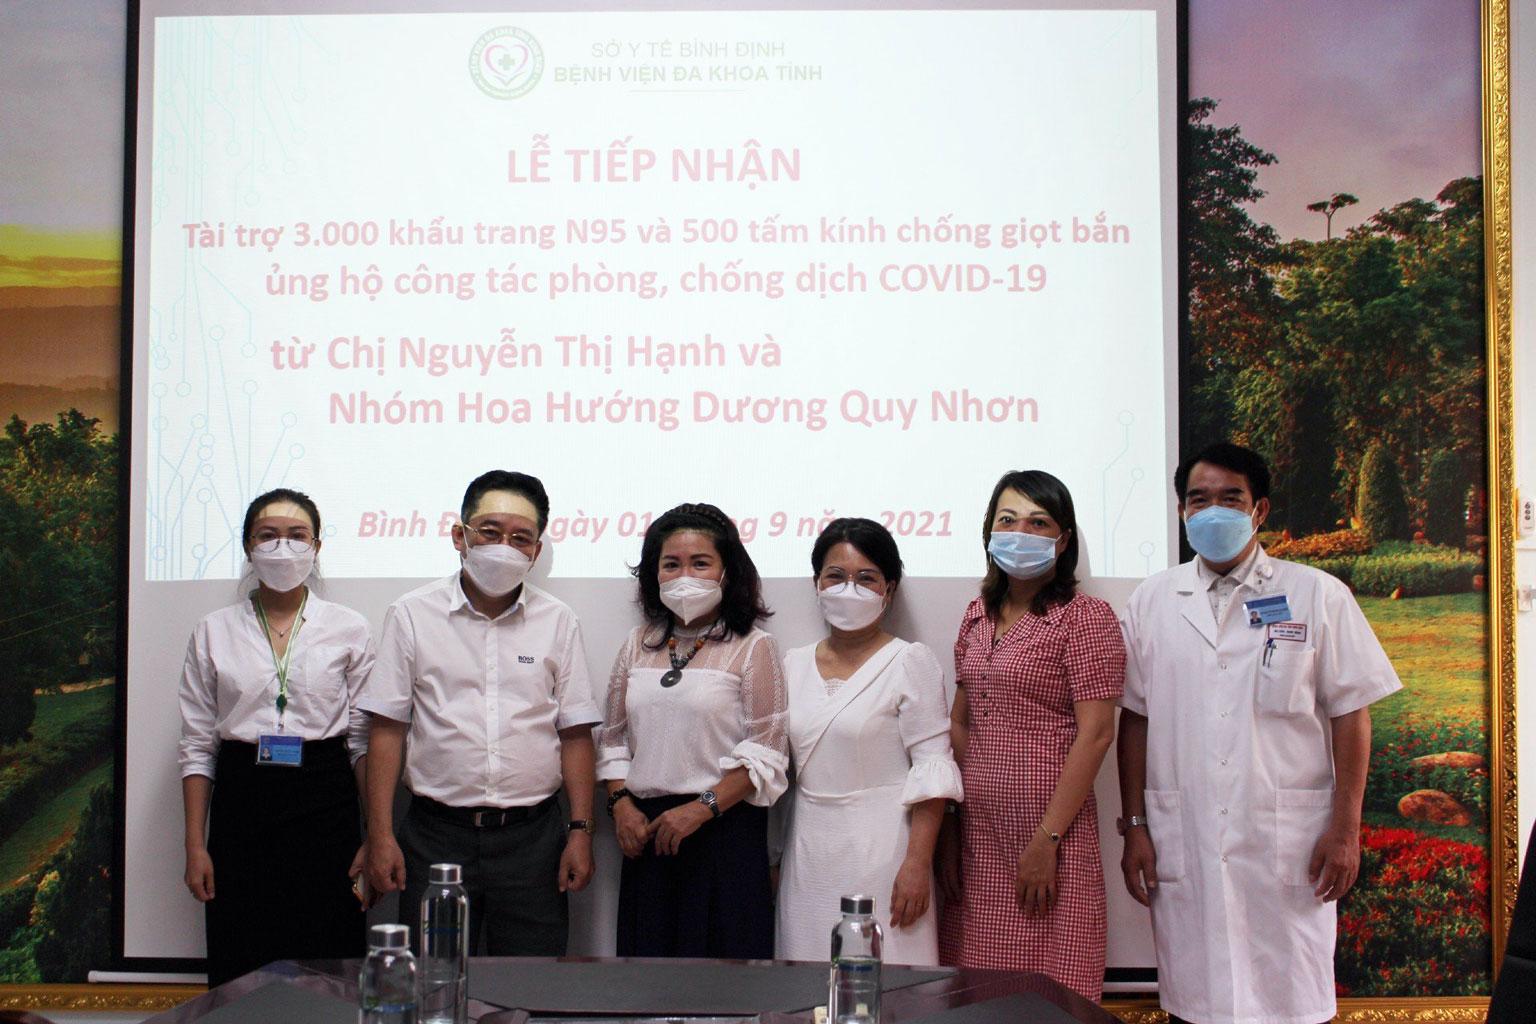 Nhóm thiện nguyện Hoa Hướng Dương trao tặng phương tiện phòng hộ phòng, chống dịch Covid-19